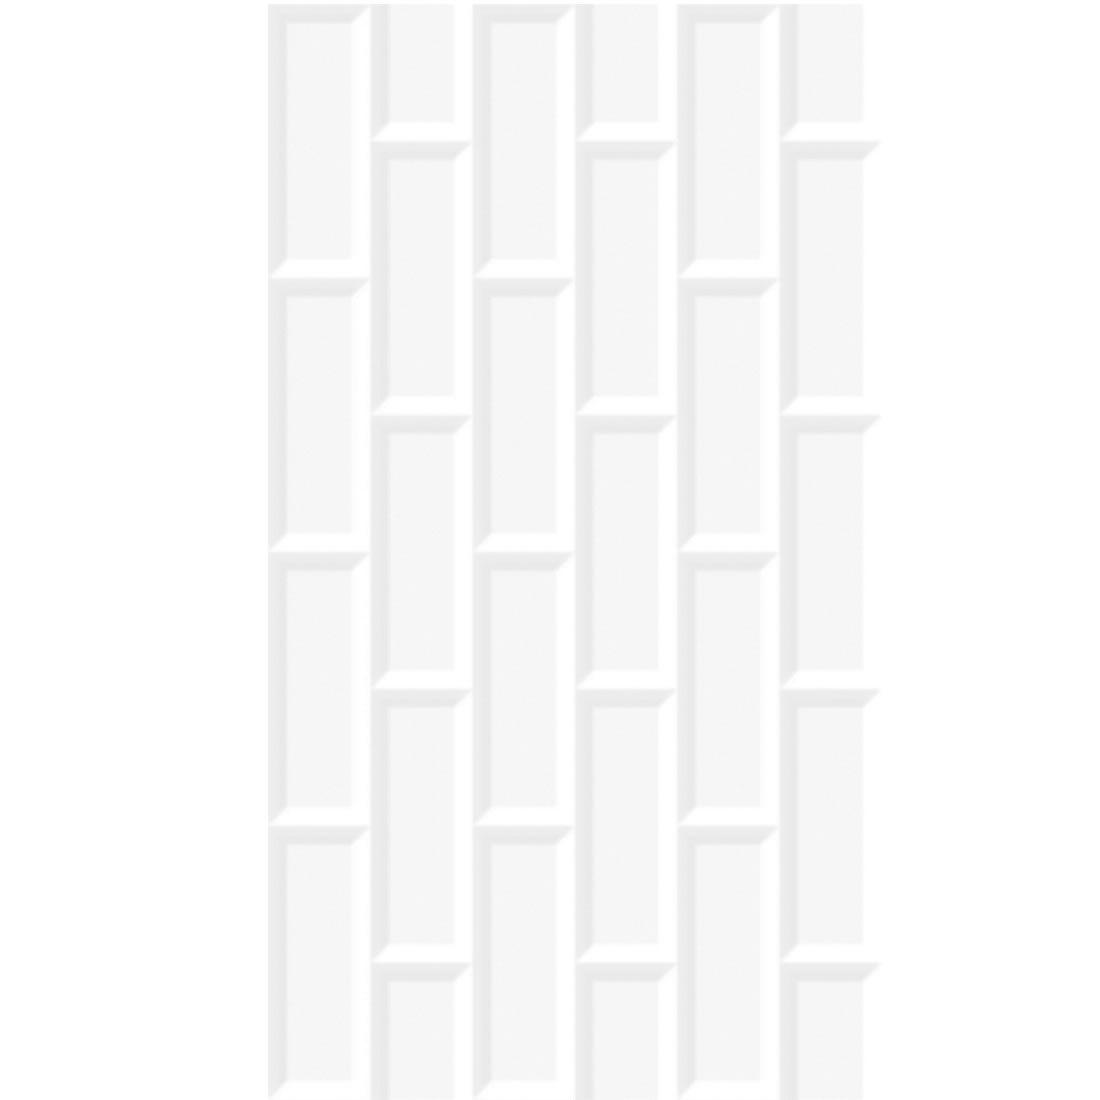 Revestimento Incopisos 32x57,5 Ref: 060112 Branco Tijolo Extra com 2mts na caixa